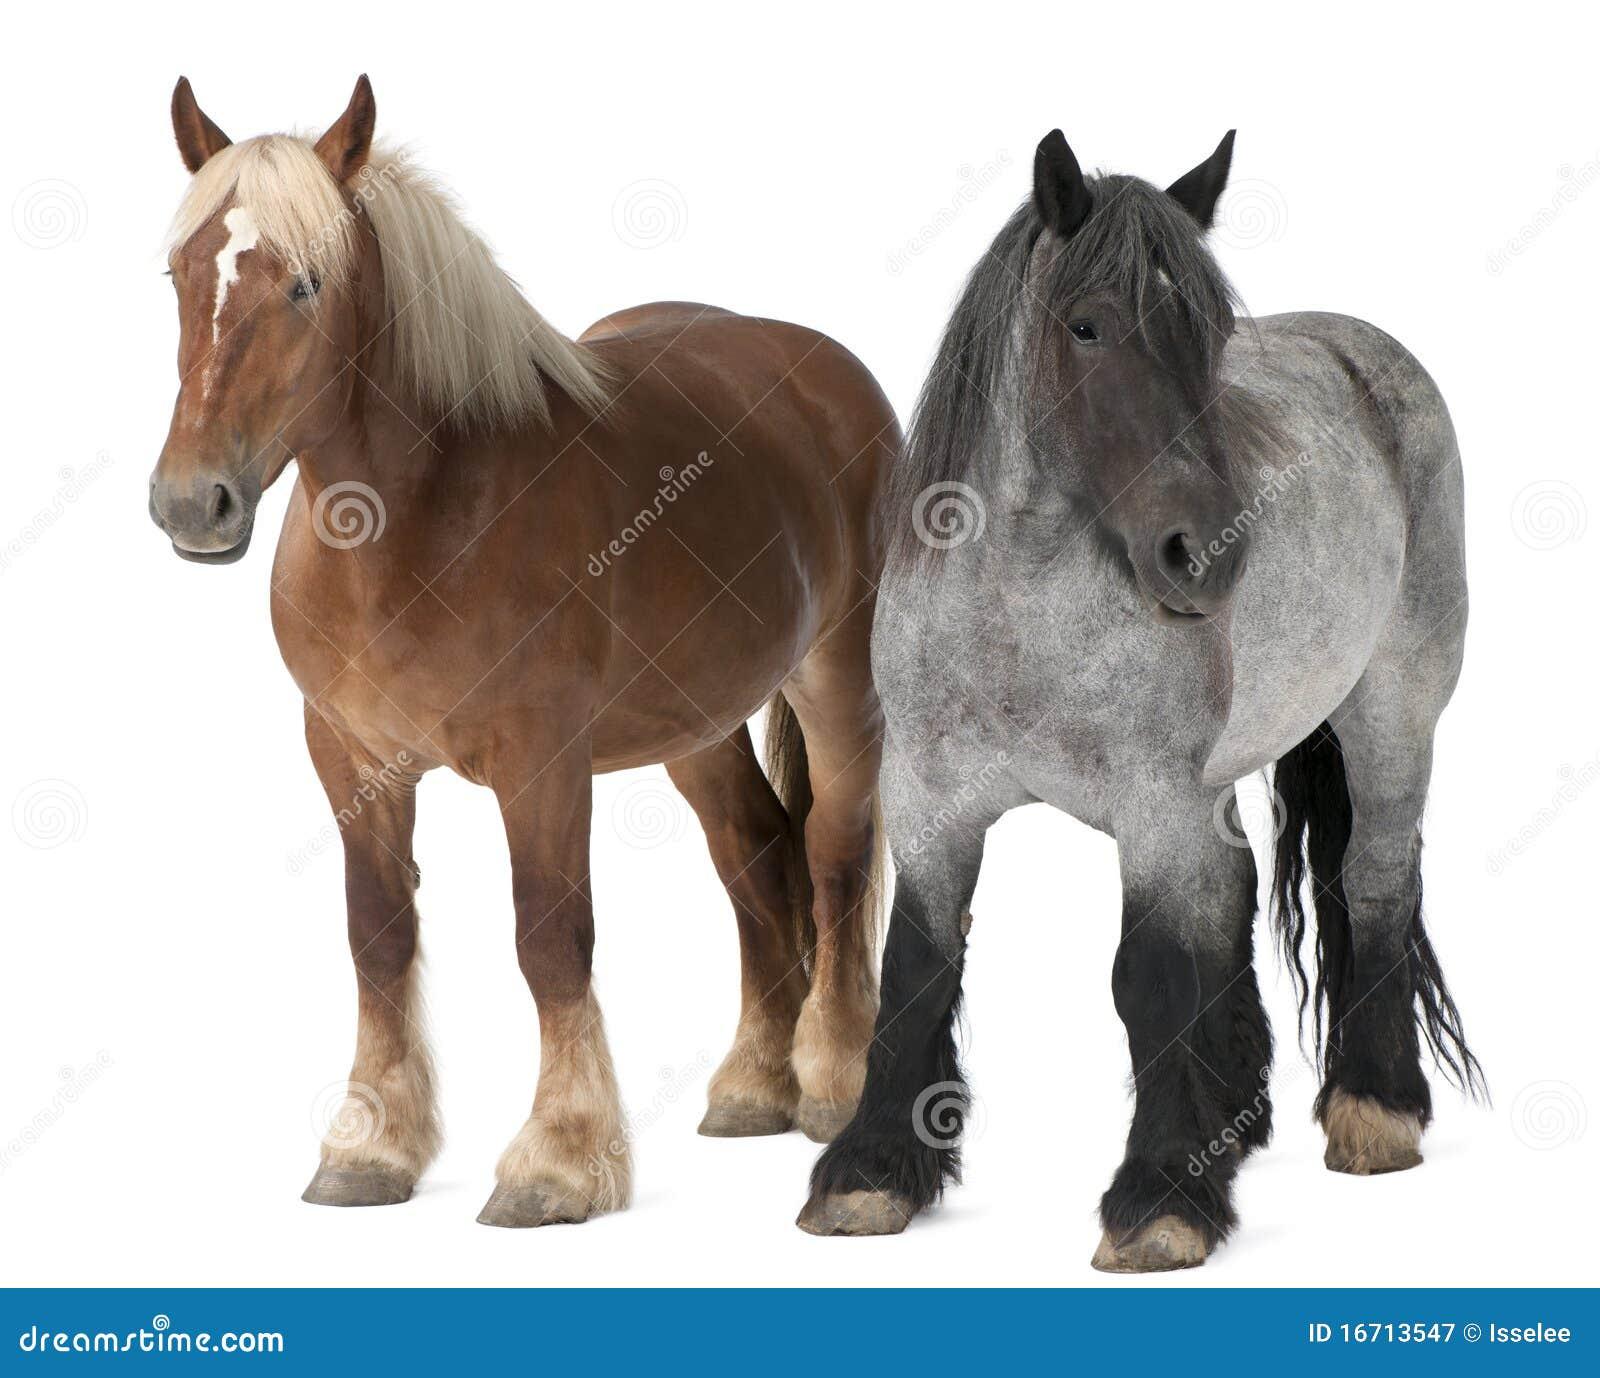 Cavalo belga, cavalo pesado belga, Brabancon